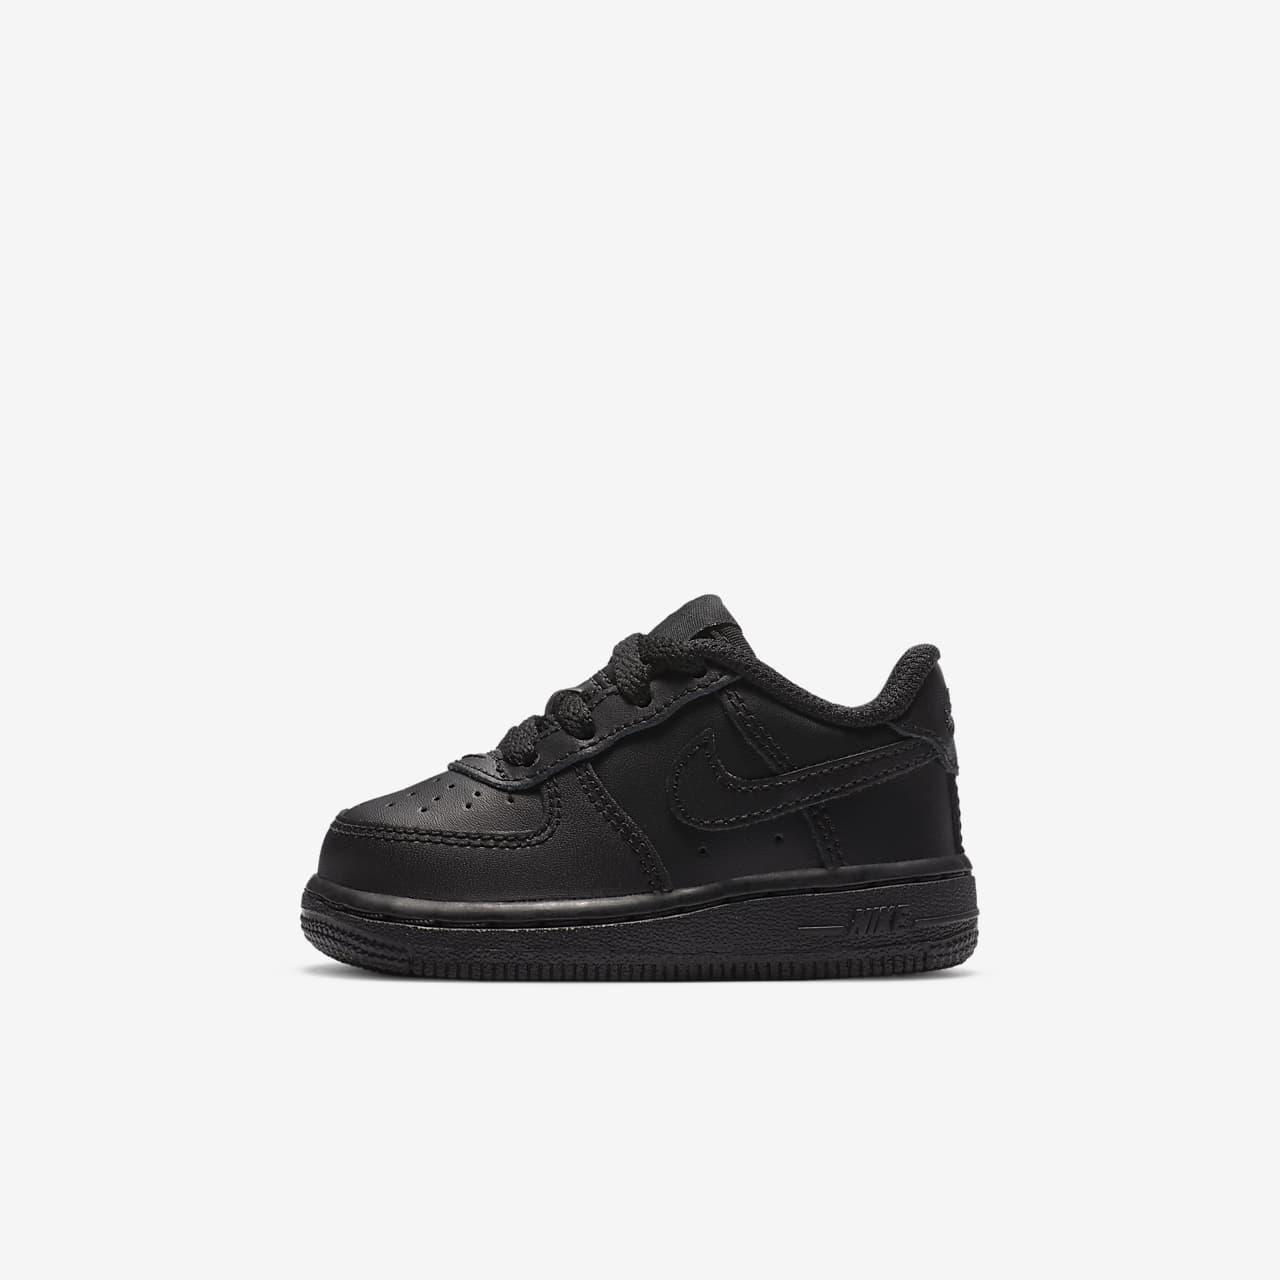 Sko Nike Force 1'06 för små barn